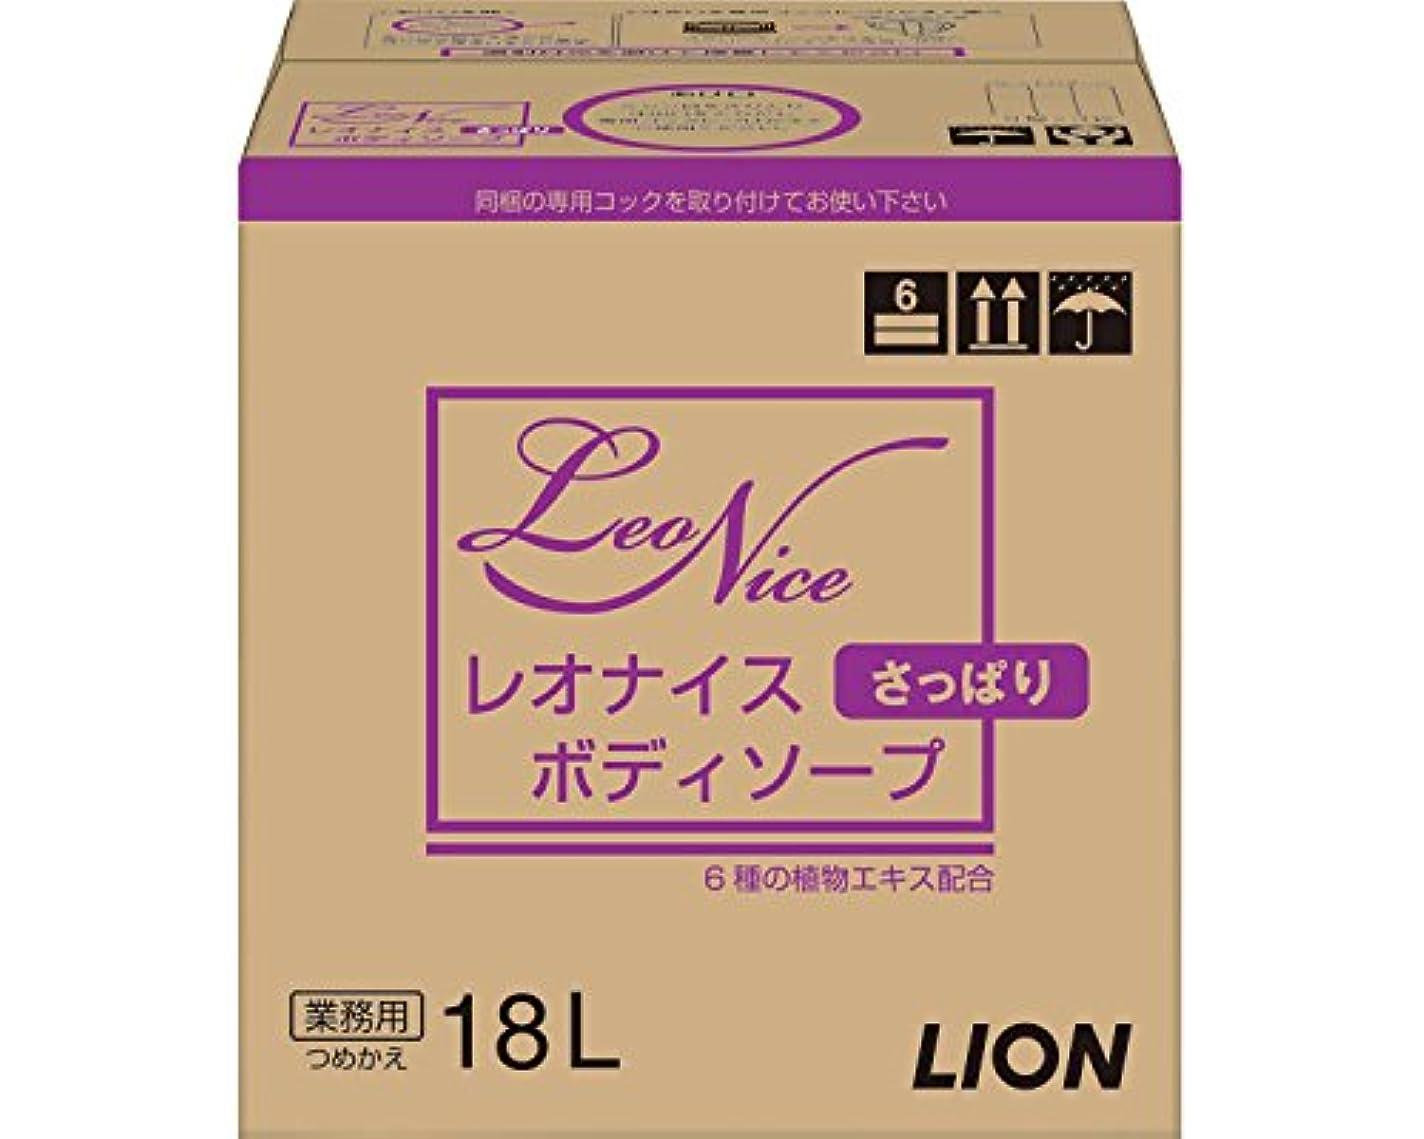 遺産繰り返すハドルレオナイスさっぱりボディソープ 18L (ライオンハイジーン) (清拭小物)